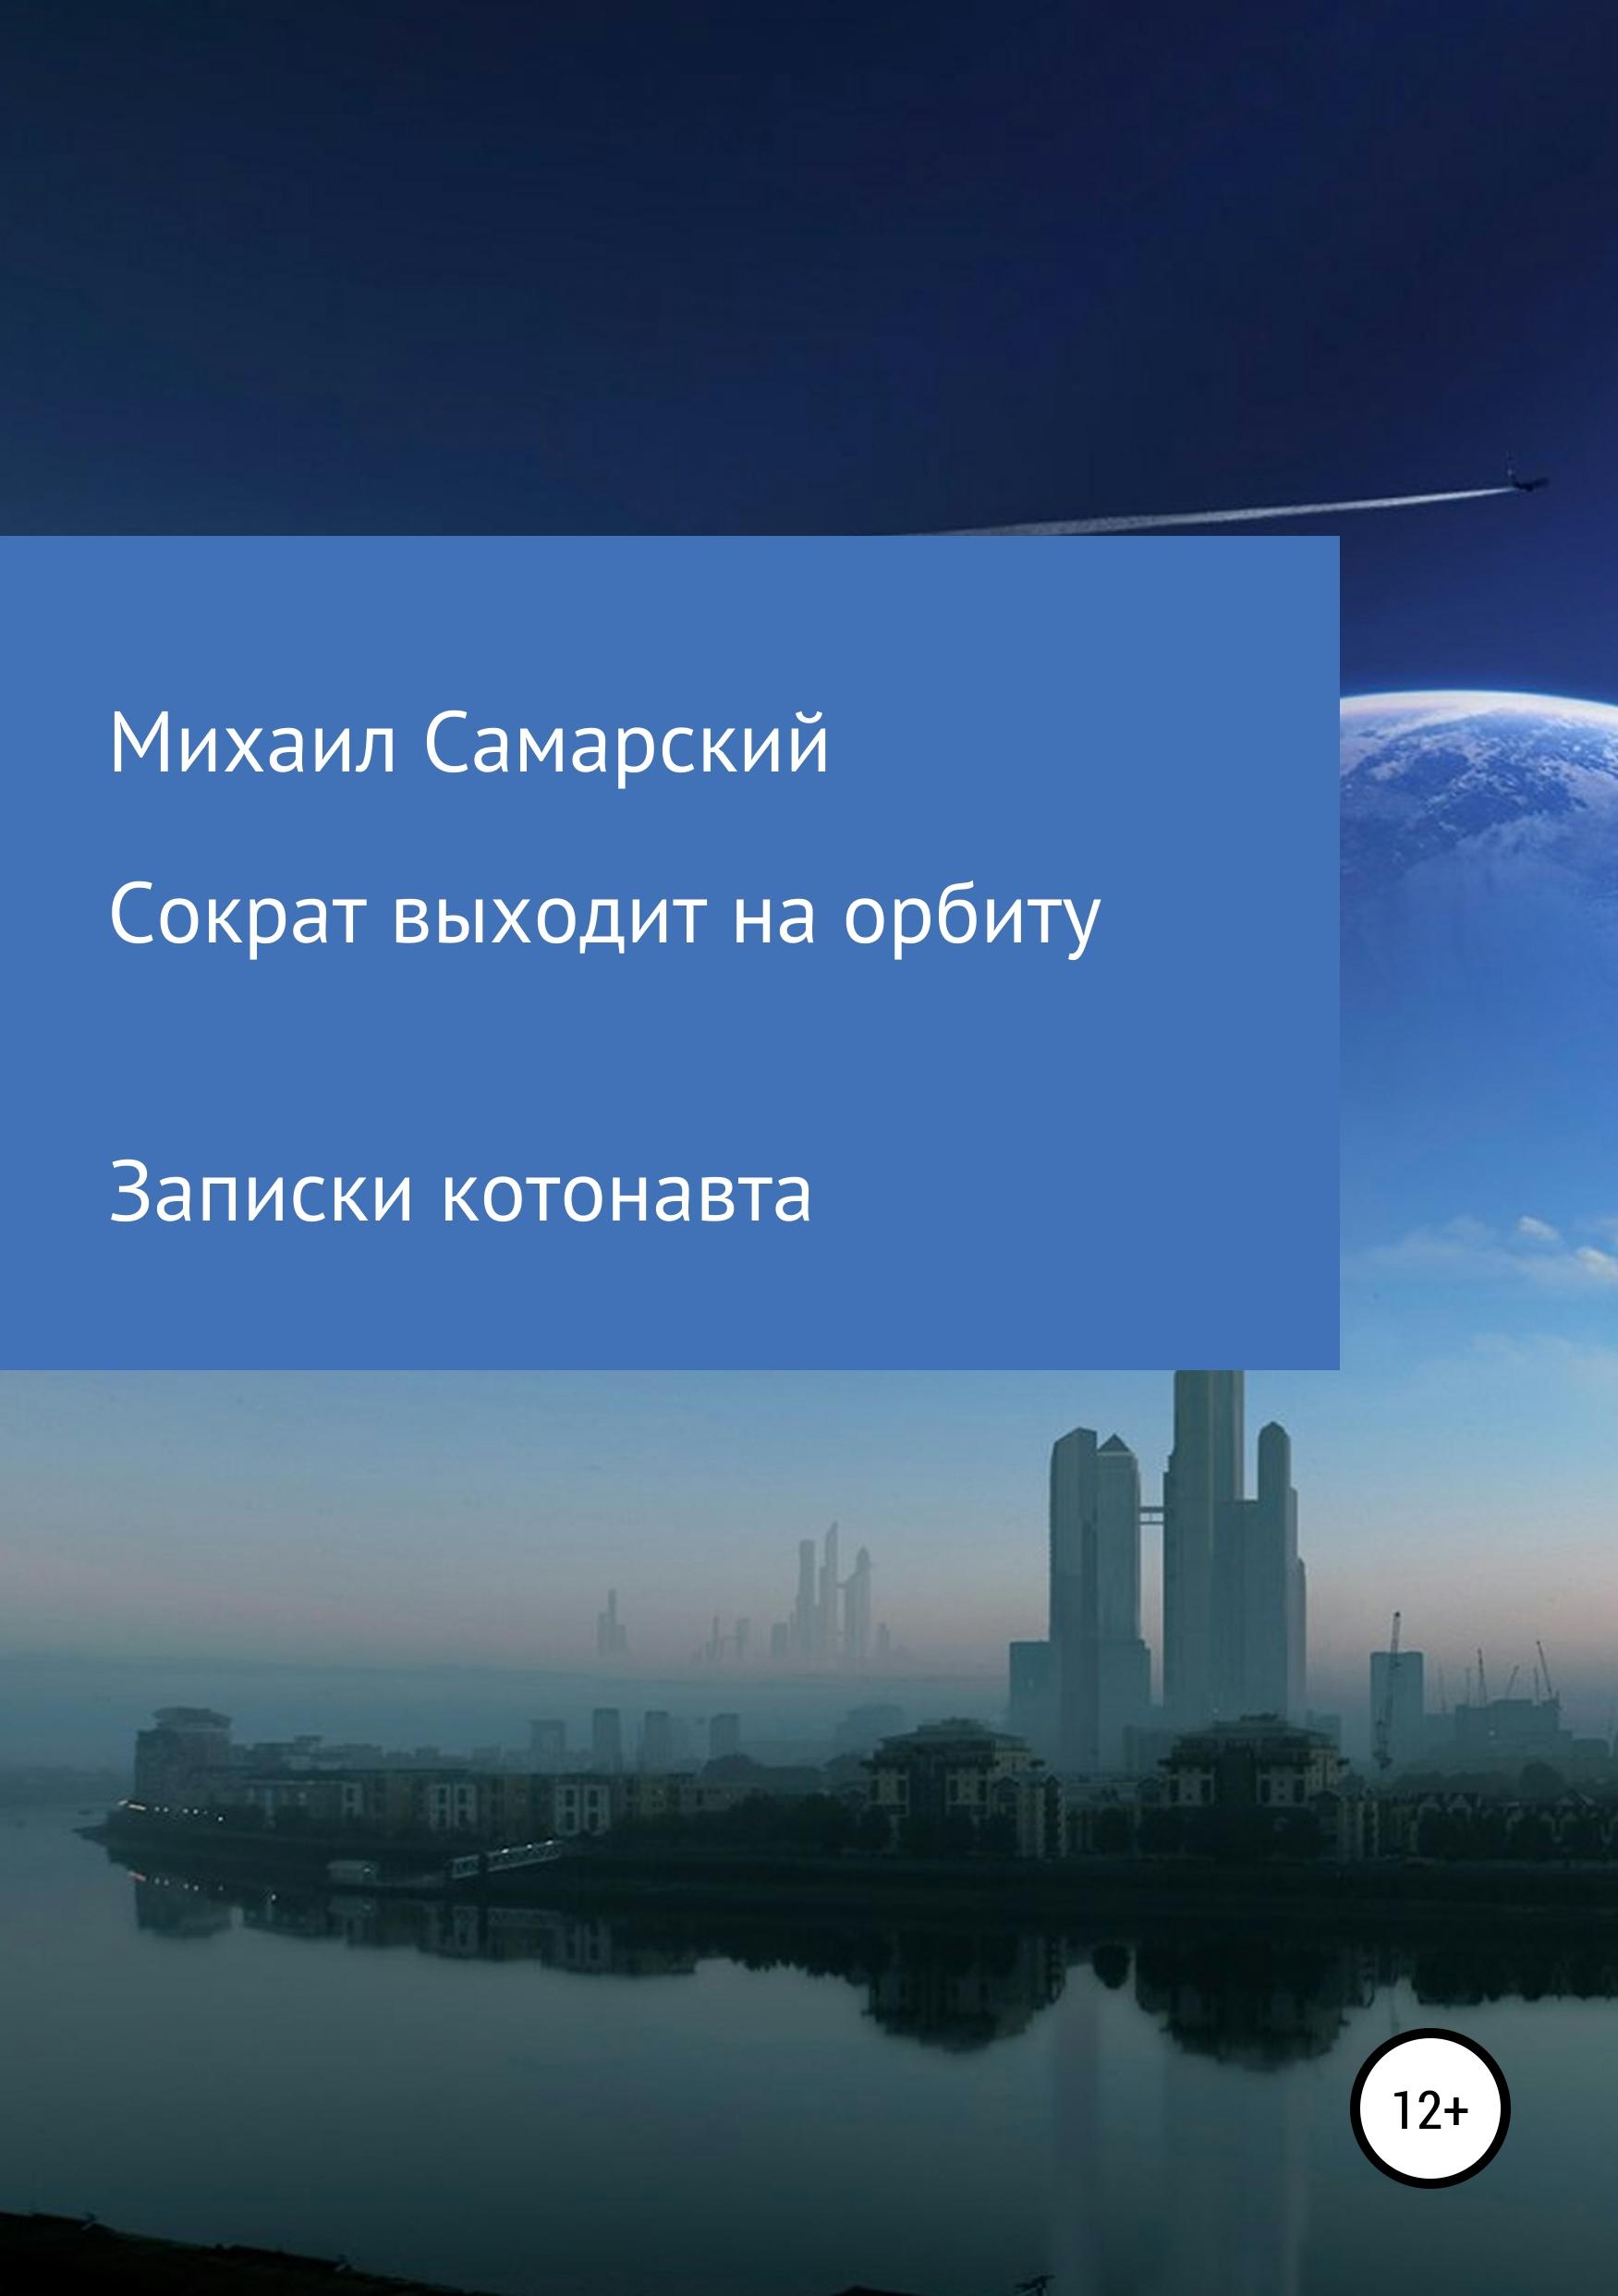 Михаил Самарский Сократ выходит на орбиту (записки котонавта) цена 2017